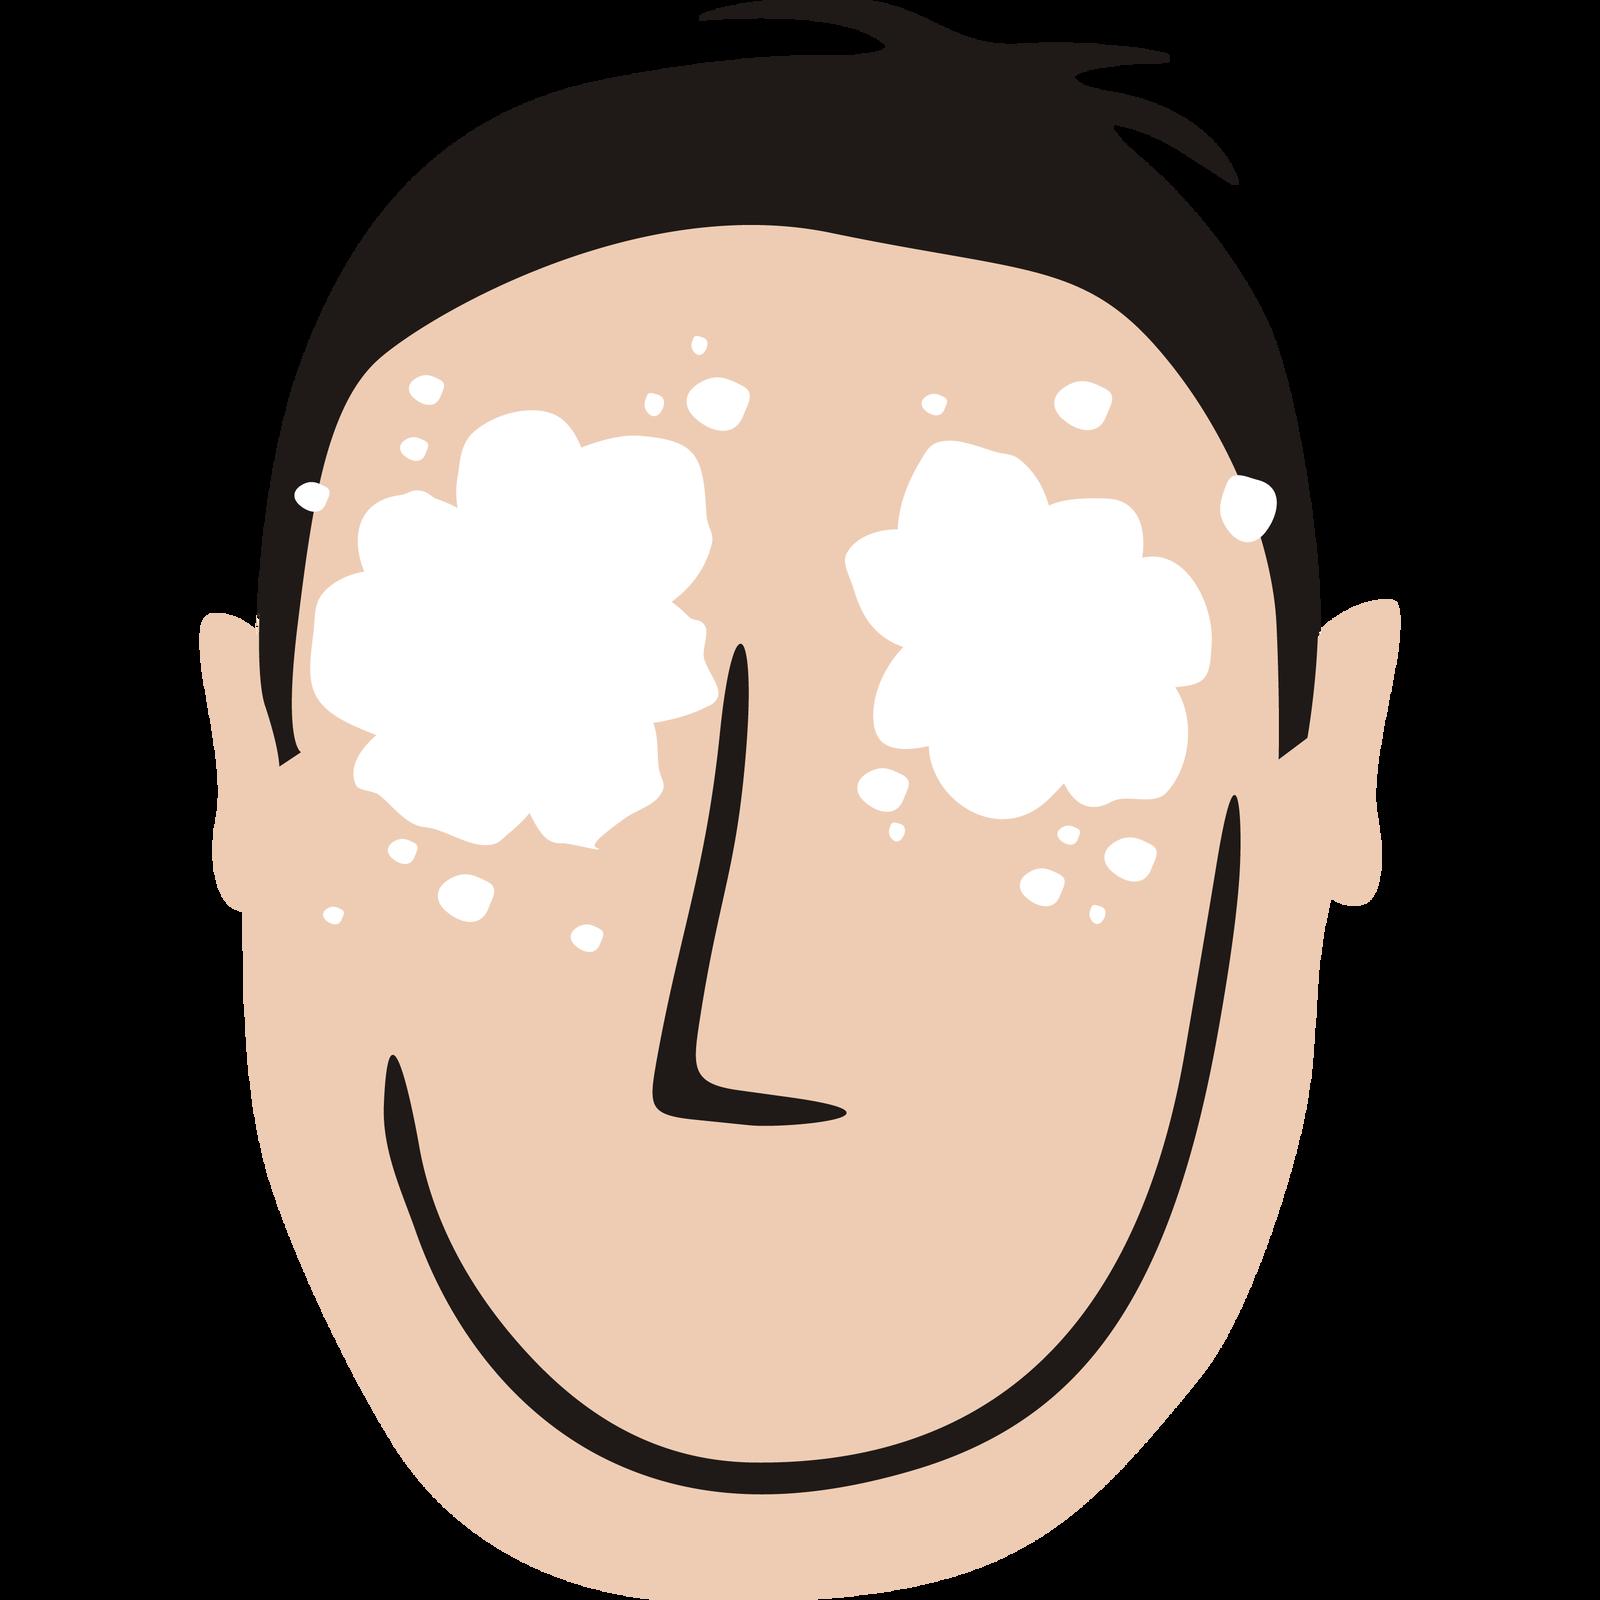 Mydlić komuś oczy Źródło: Contentplus.pl sp. zo.o., Mydlić komuś oczy, licencja: CC BY 3.0.